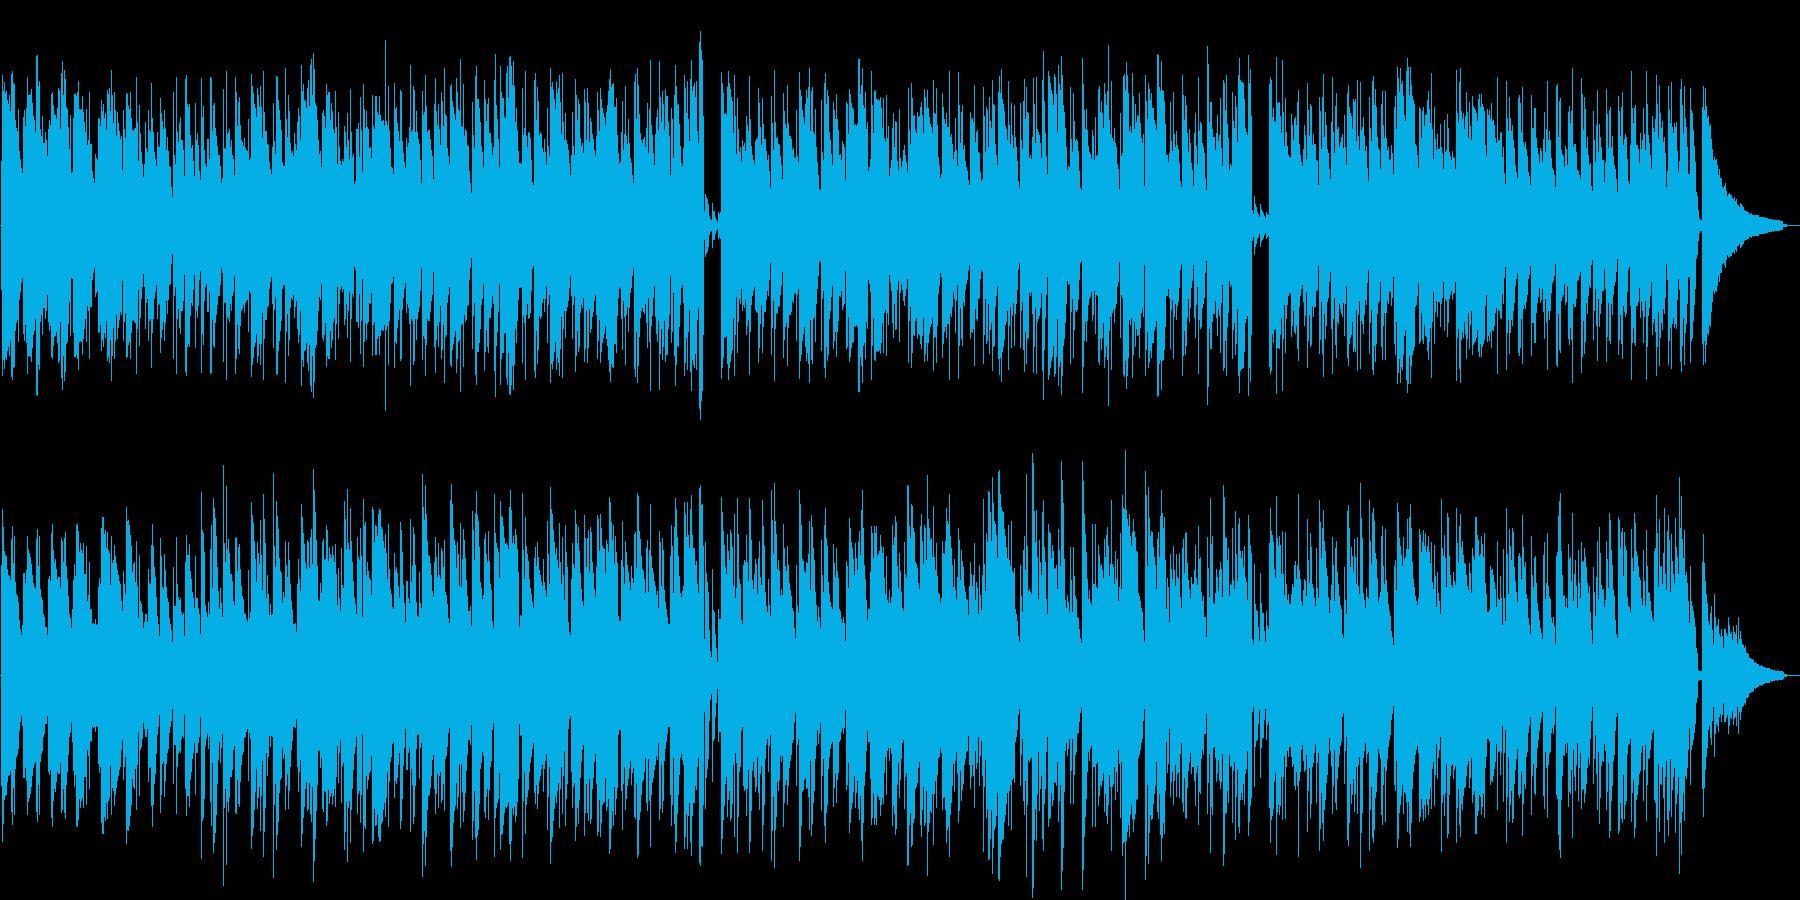 ムードあるイージーリスニング曲の再生済みの波形